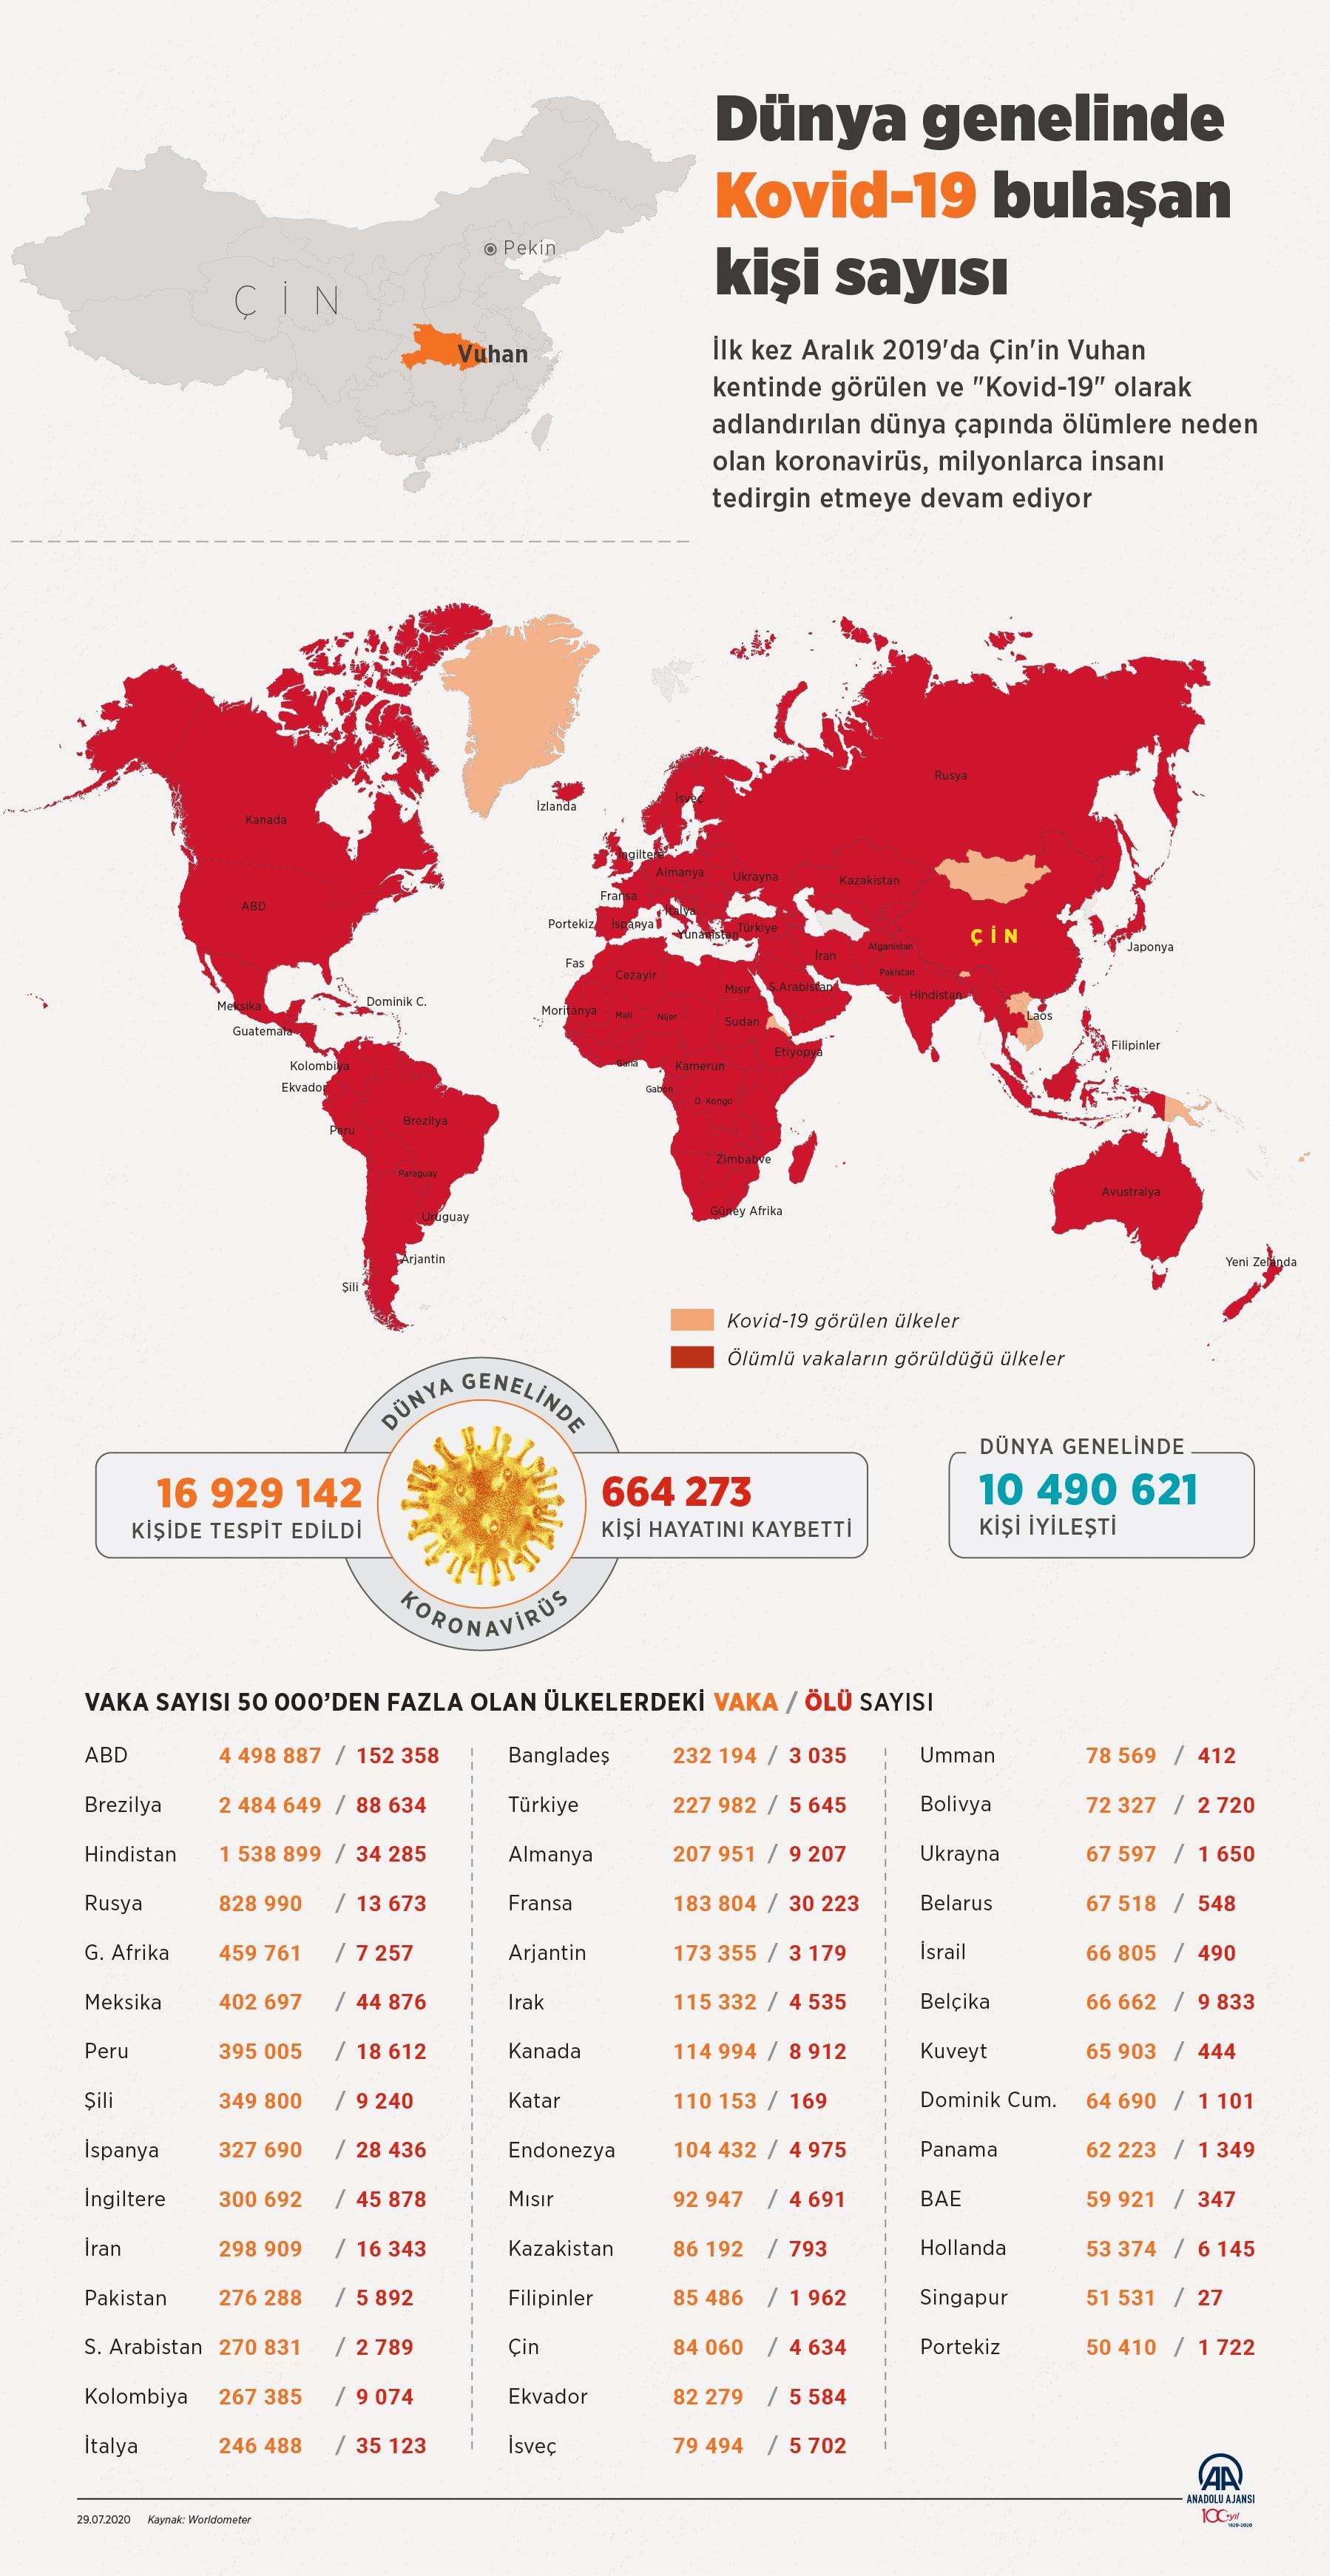 29 Temmuz corona virüs tablosu|Vaka sayısı kaç oldu bugün?